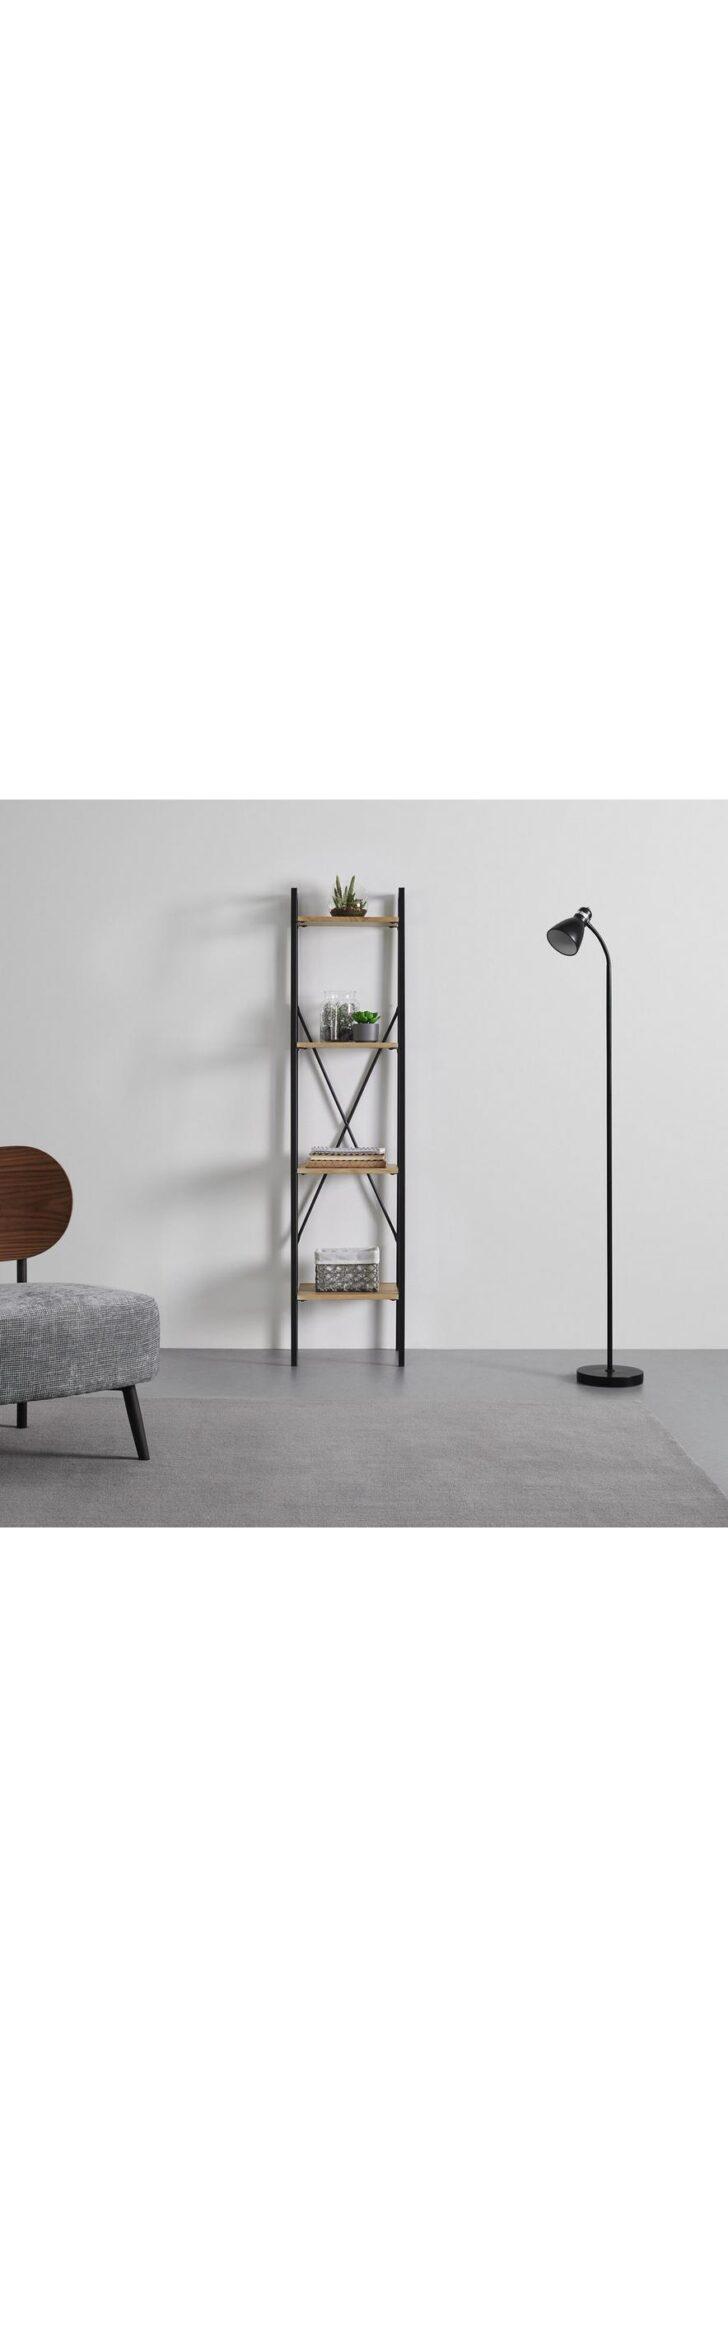 Medium Size of Regalwürfel Metall Regal In Hellbraun Und Schwarz Online Bestellen Weiß Regale Bett Wohnzimmer Regalwürfel Metall